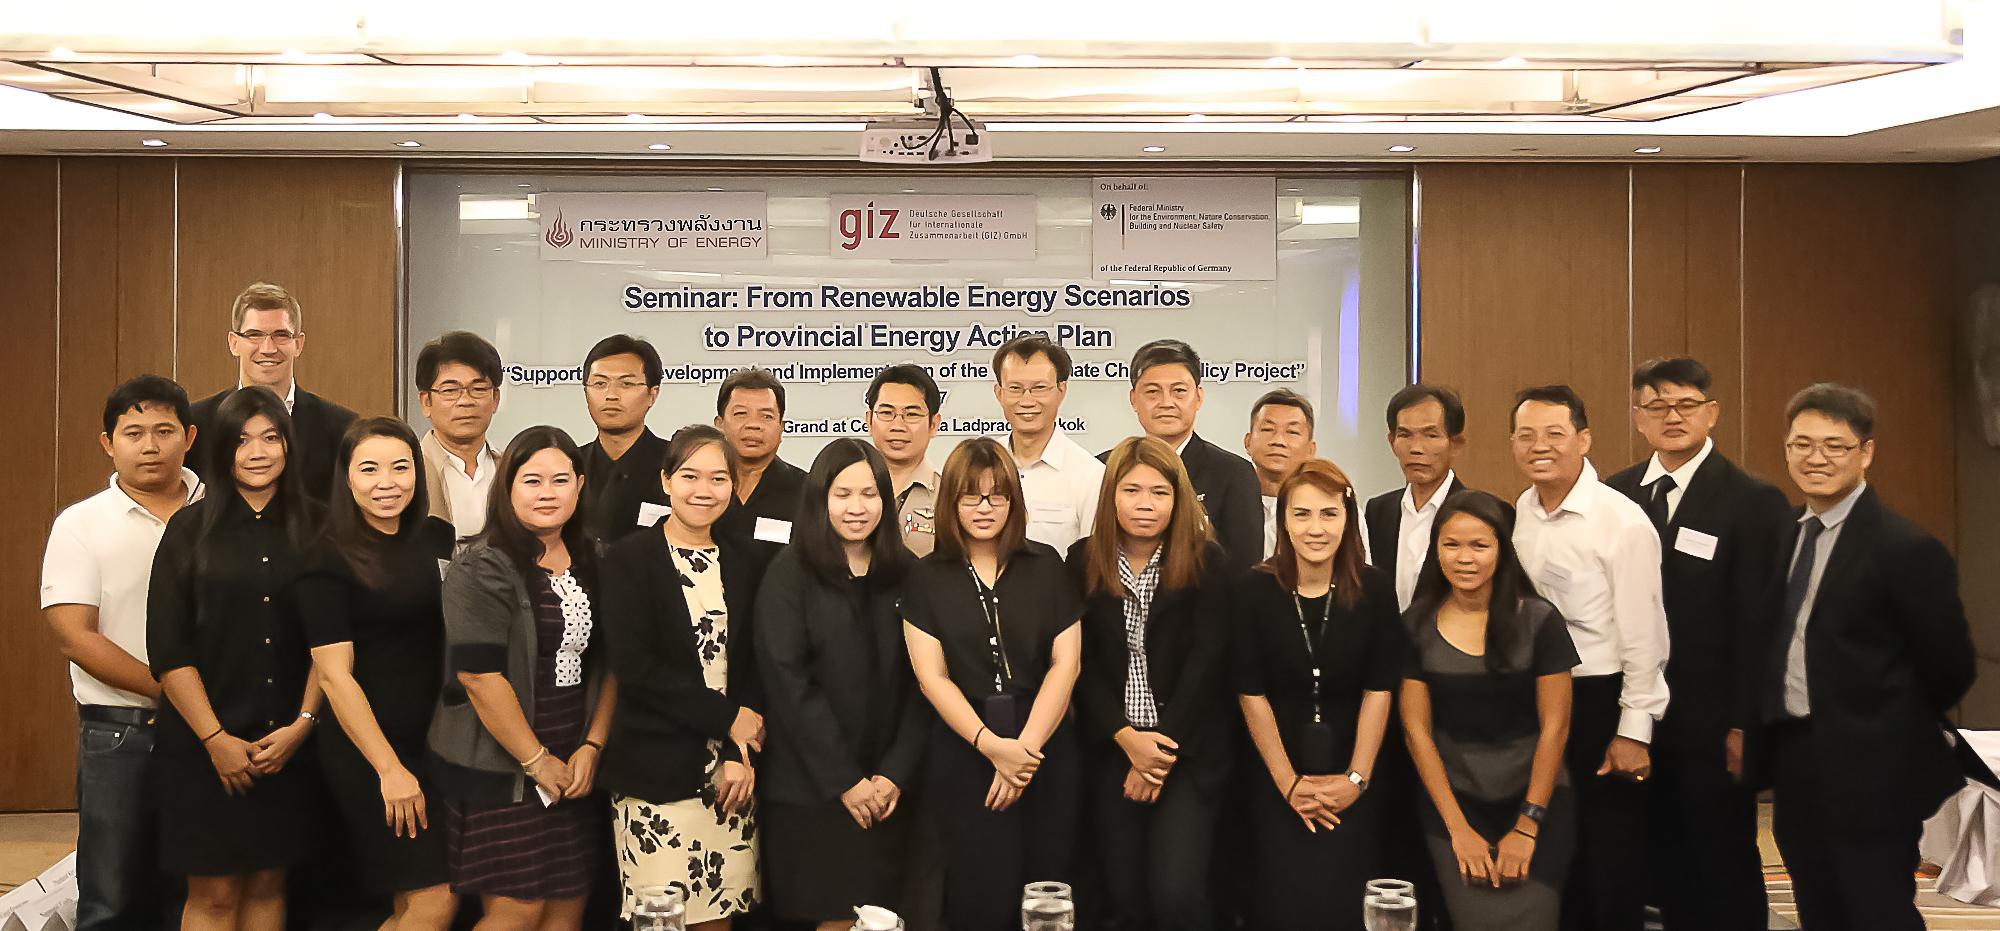 Thai provinces meet to learn about 3 pilot provinces' renewable energy scenarios